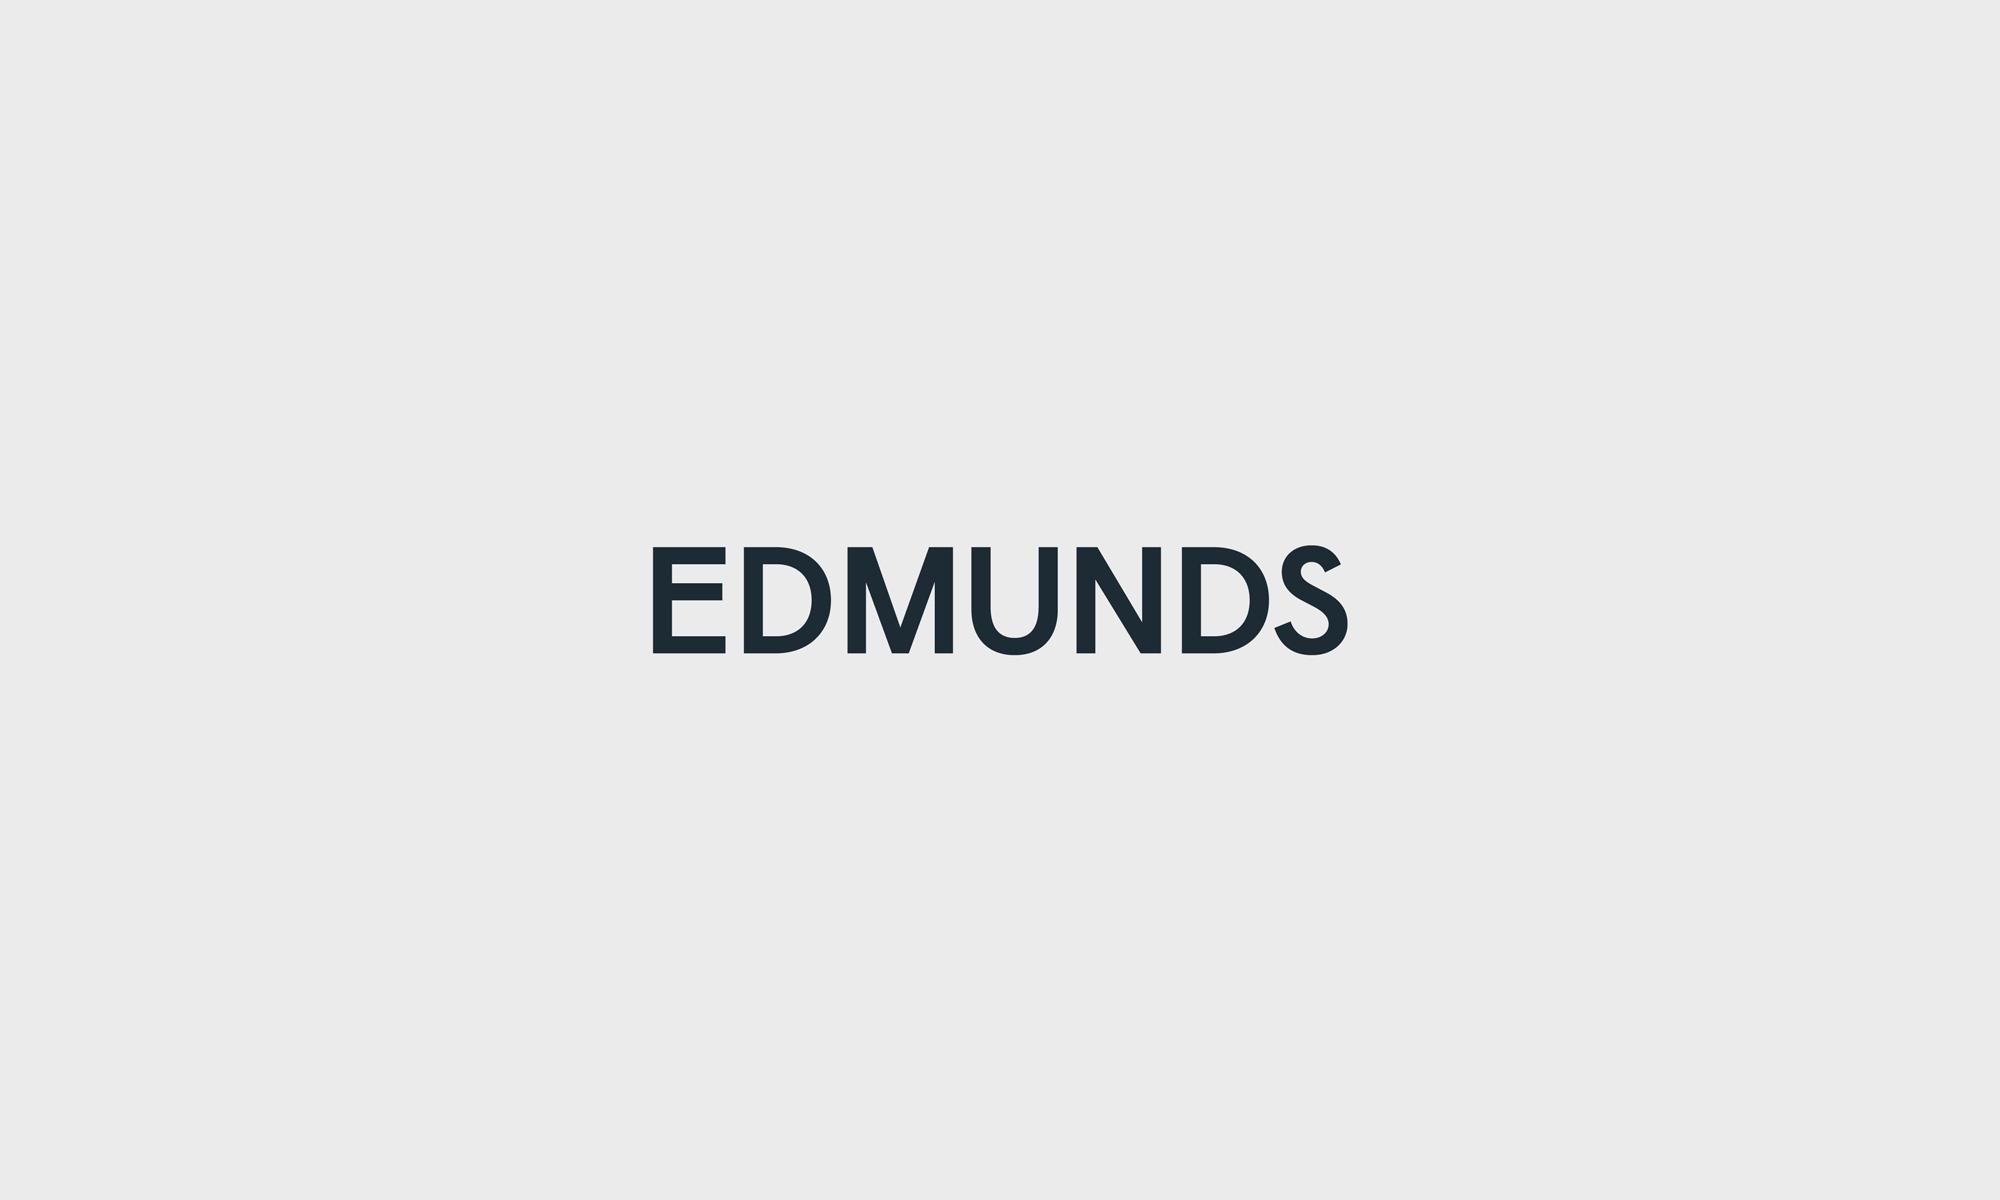 Portfolio-Images_Edmunds_1x2.jpg